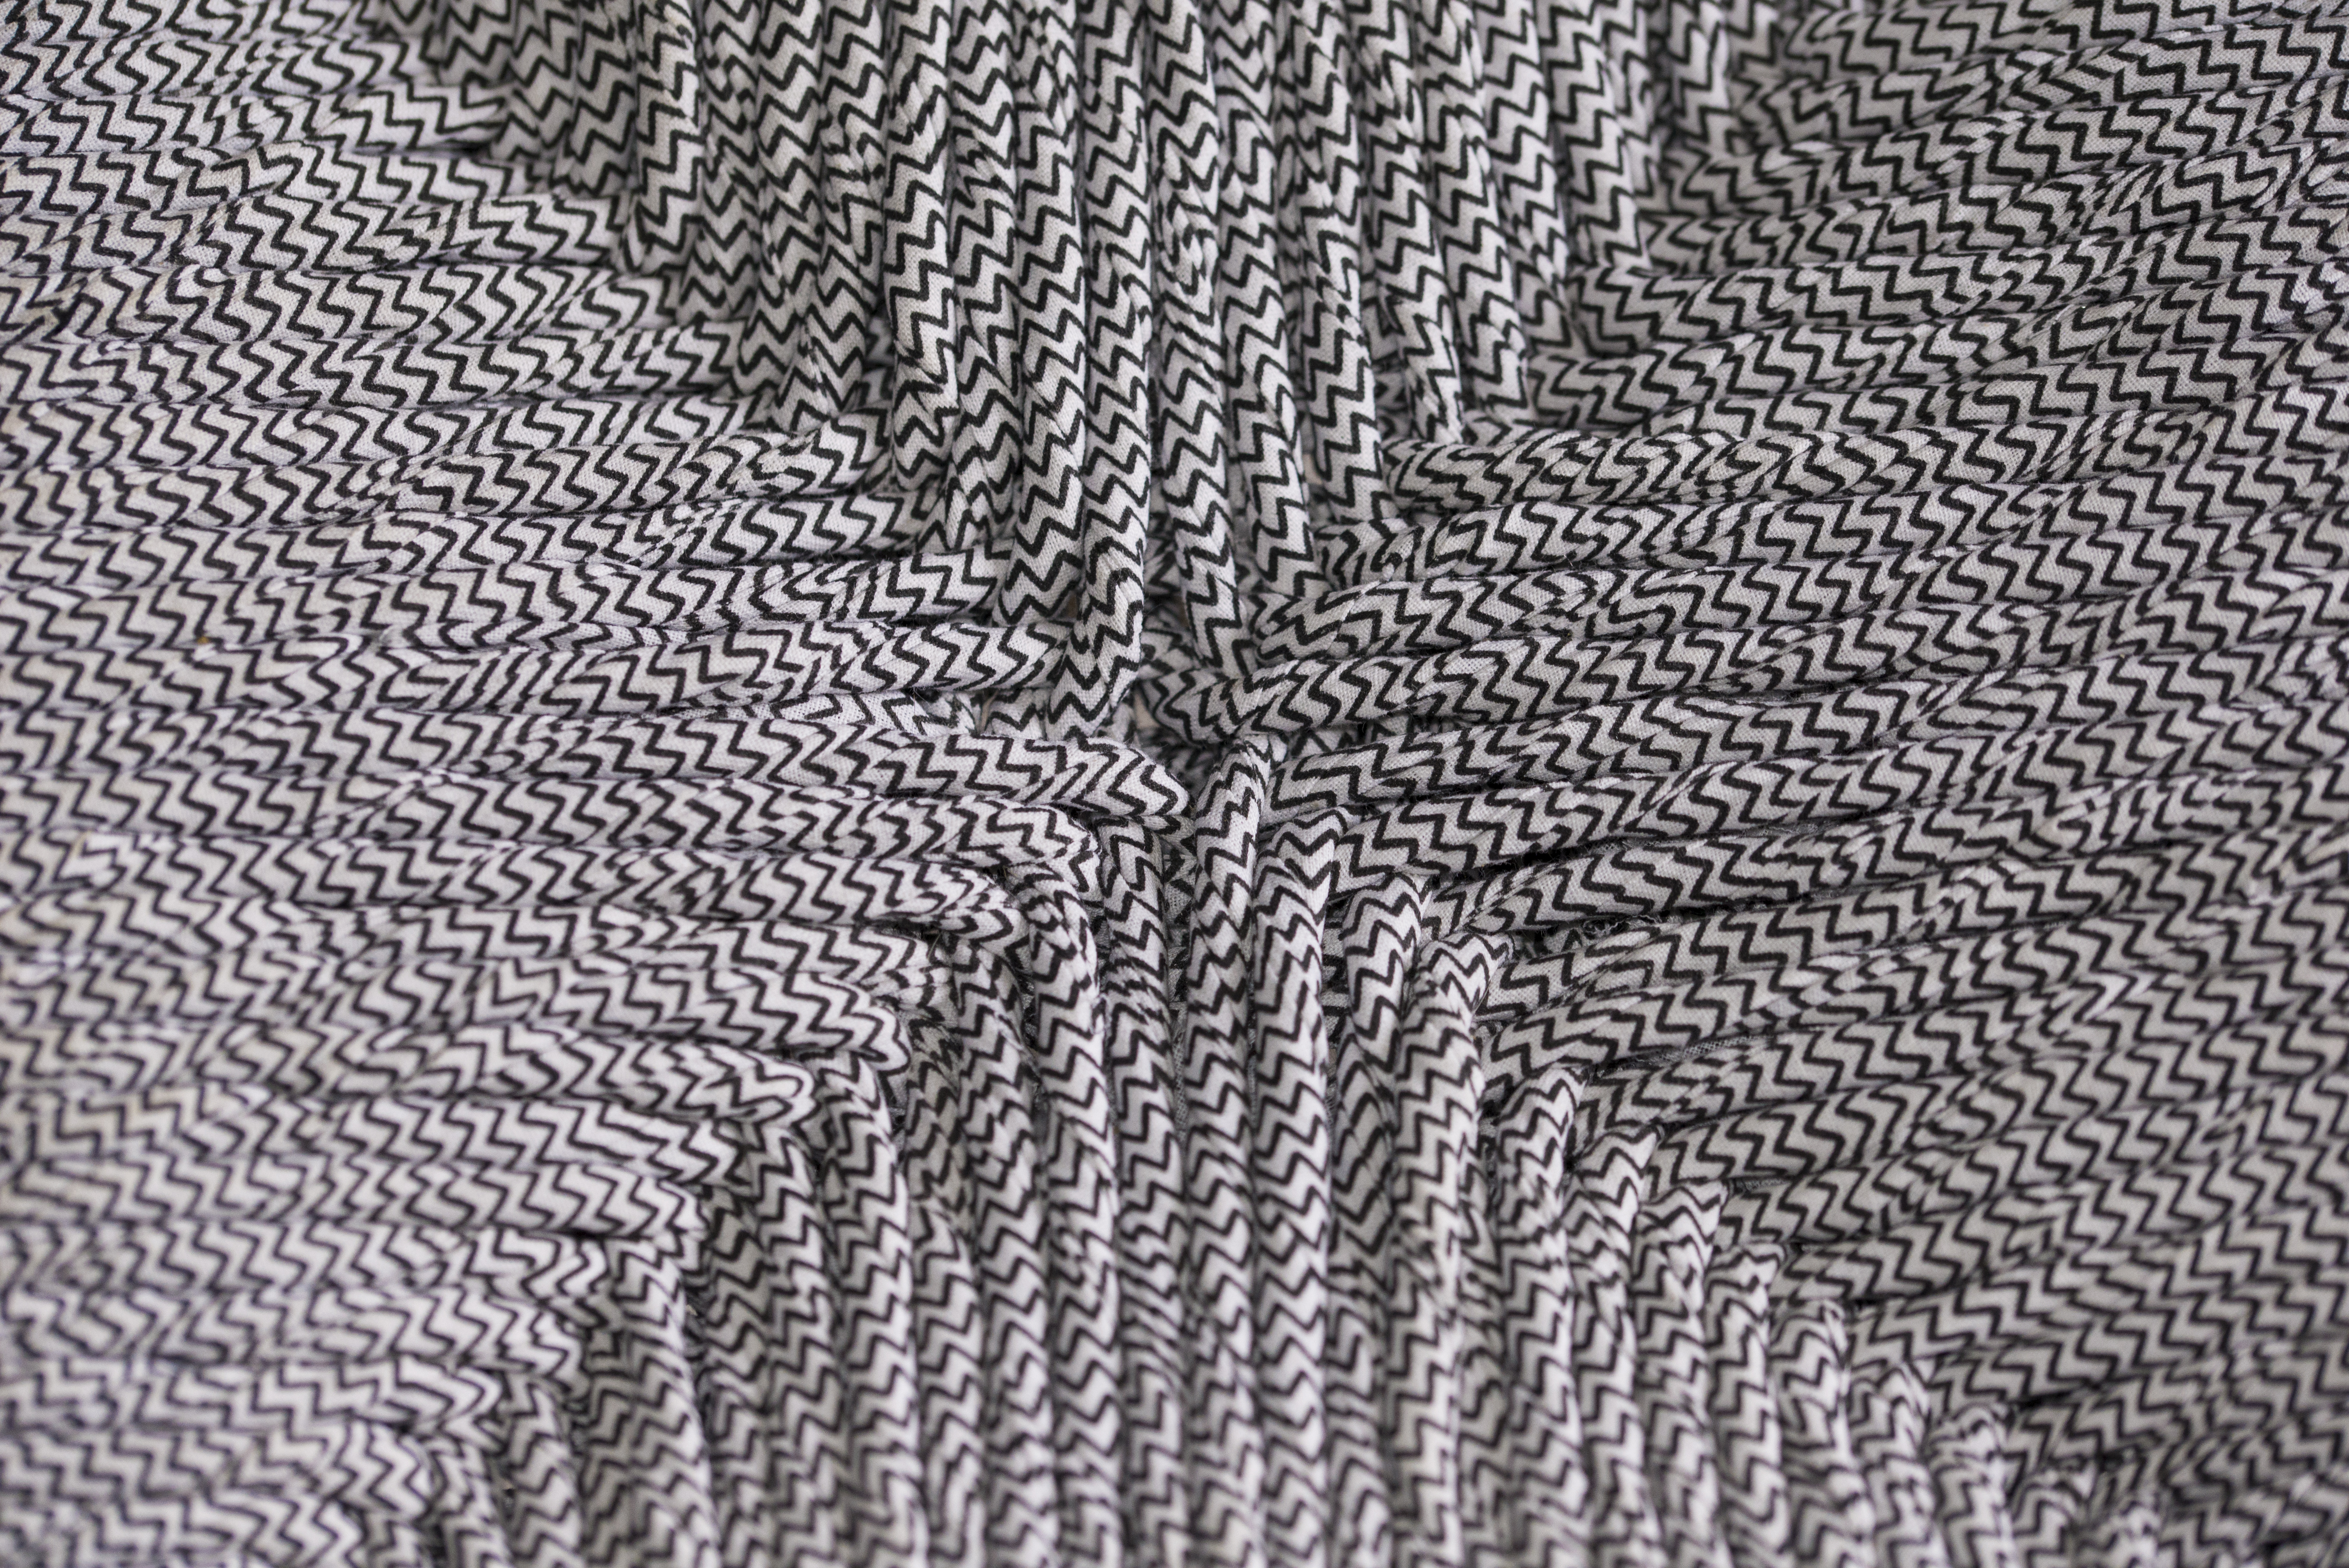 wood is folies tabouret geometrique rempaillage en torons de tissus peinture assymetrique noir finition cirée detail du tressage canteleu rouen normandie